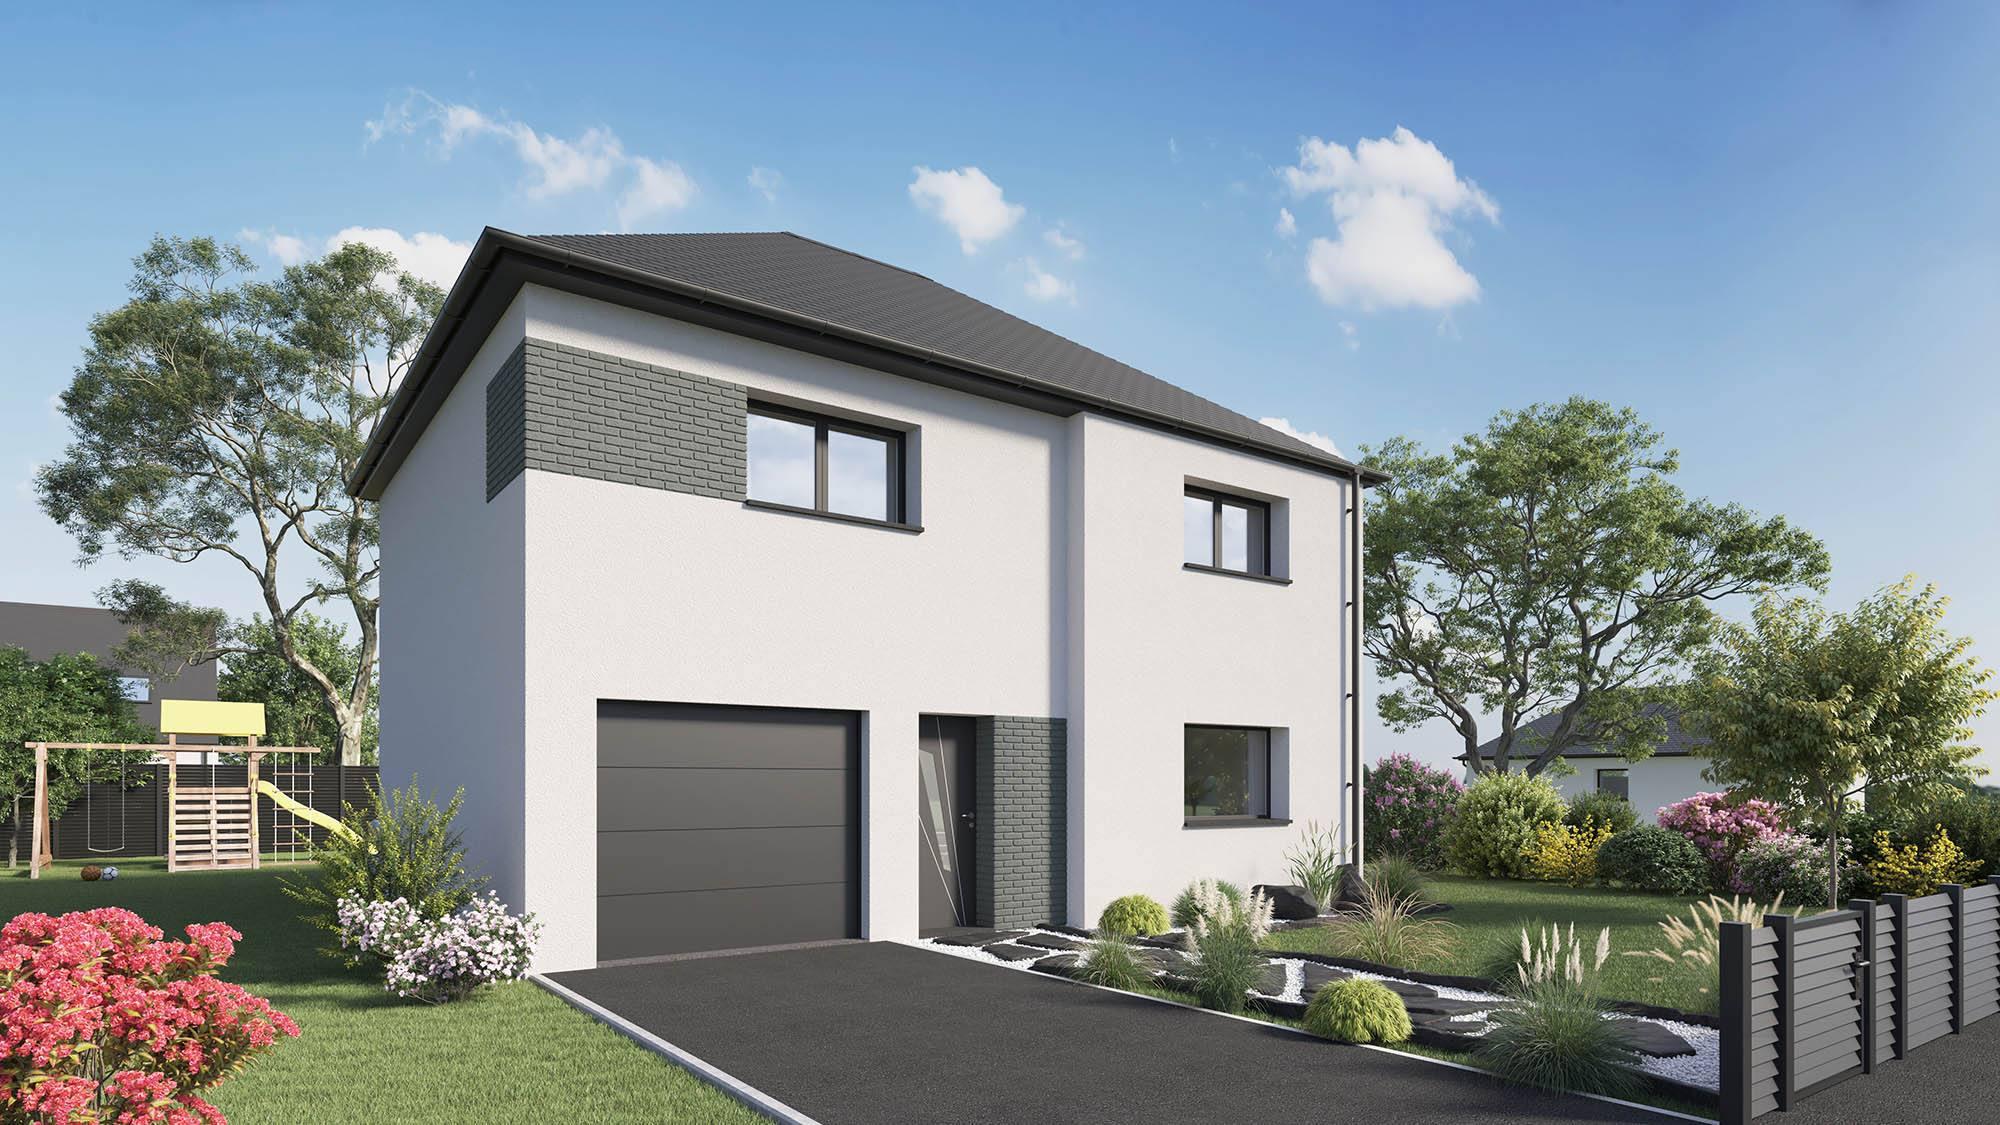 Maisons + Terrains du constructeur MAISON CASTOR • 116 m² • VERNON